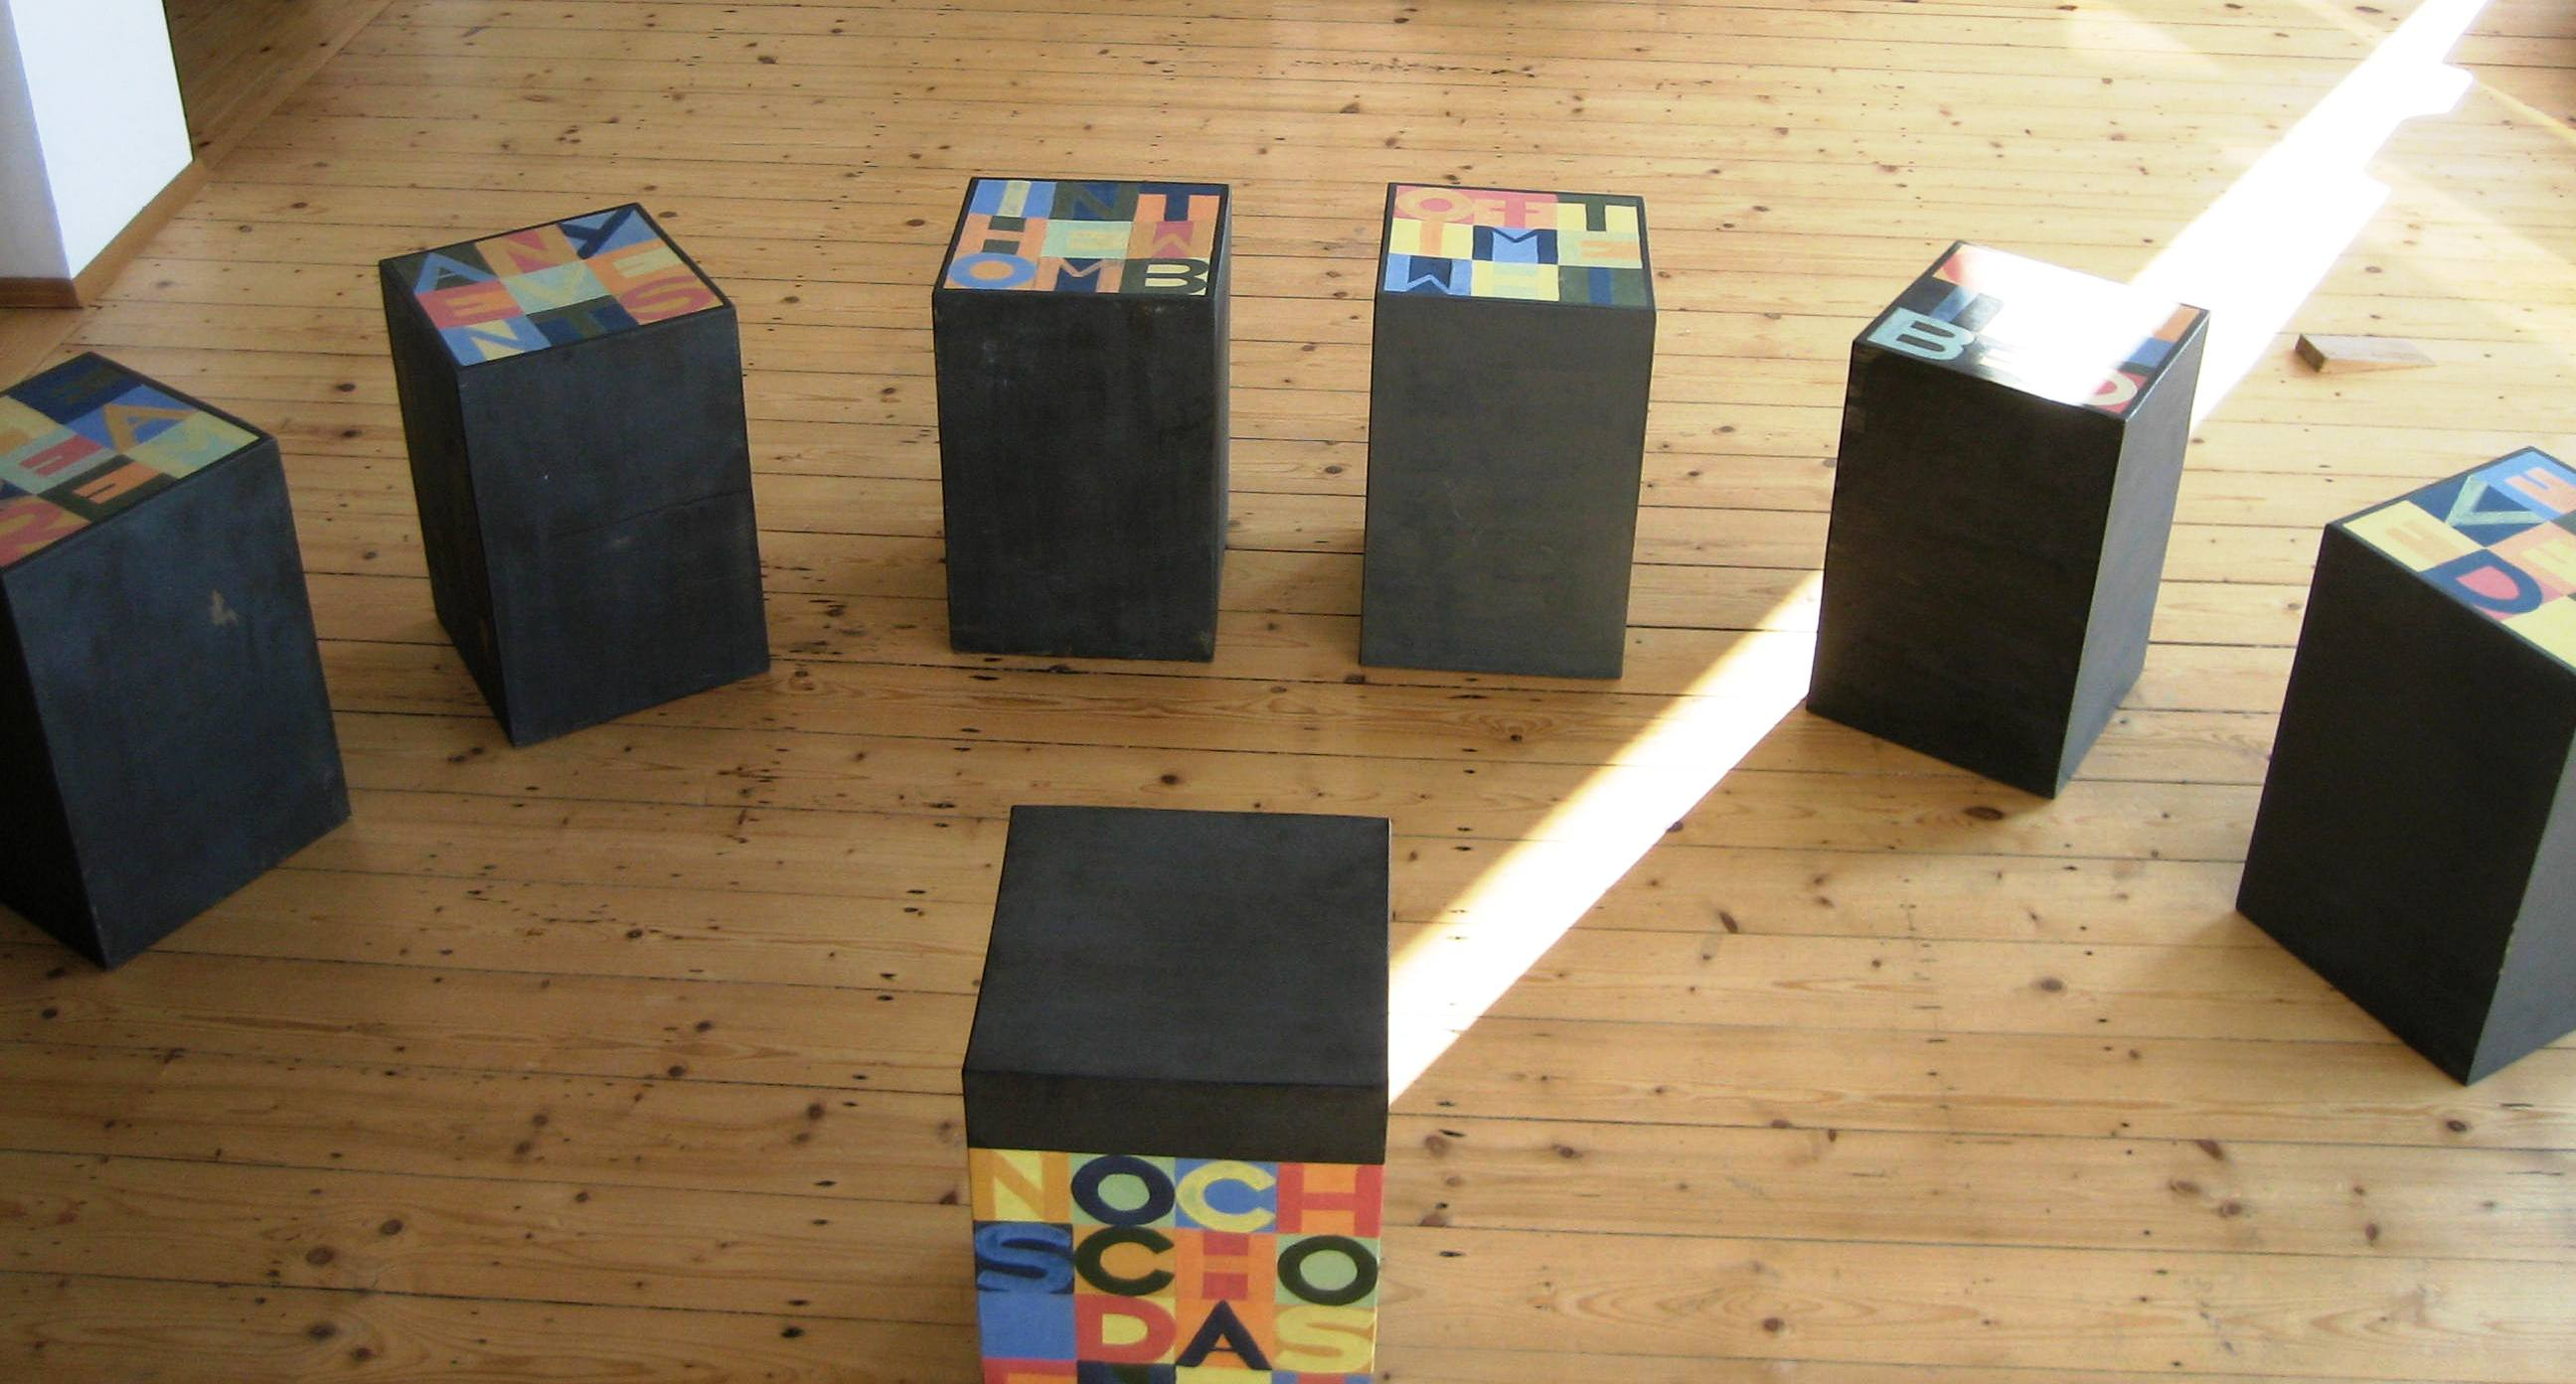 Jago Gesamtansicht in Galerie 2007